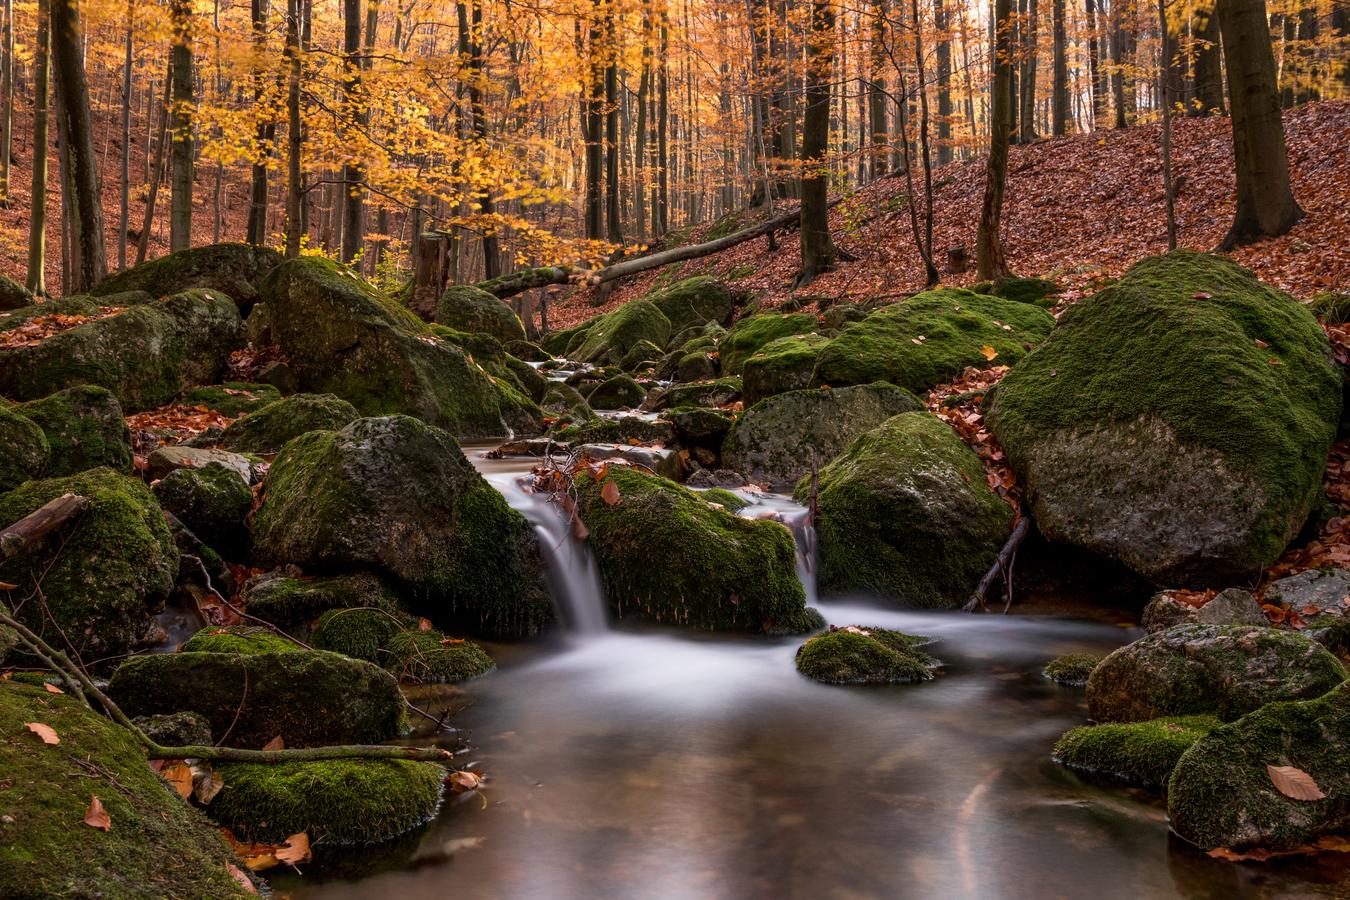 Podzim v plné kráse